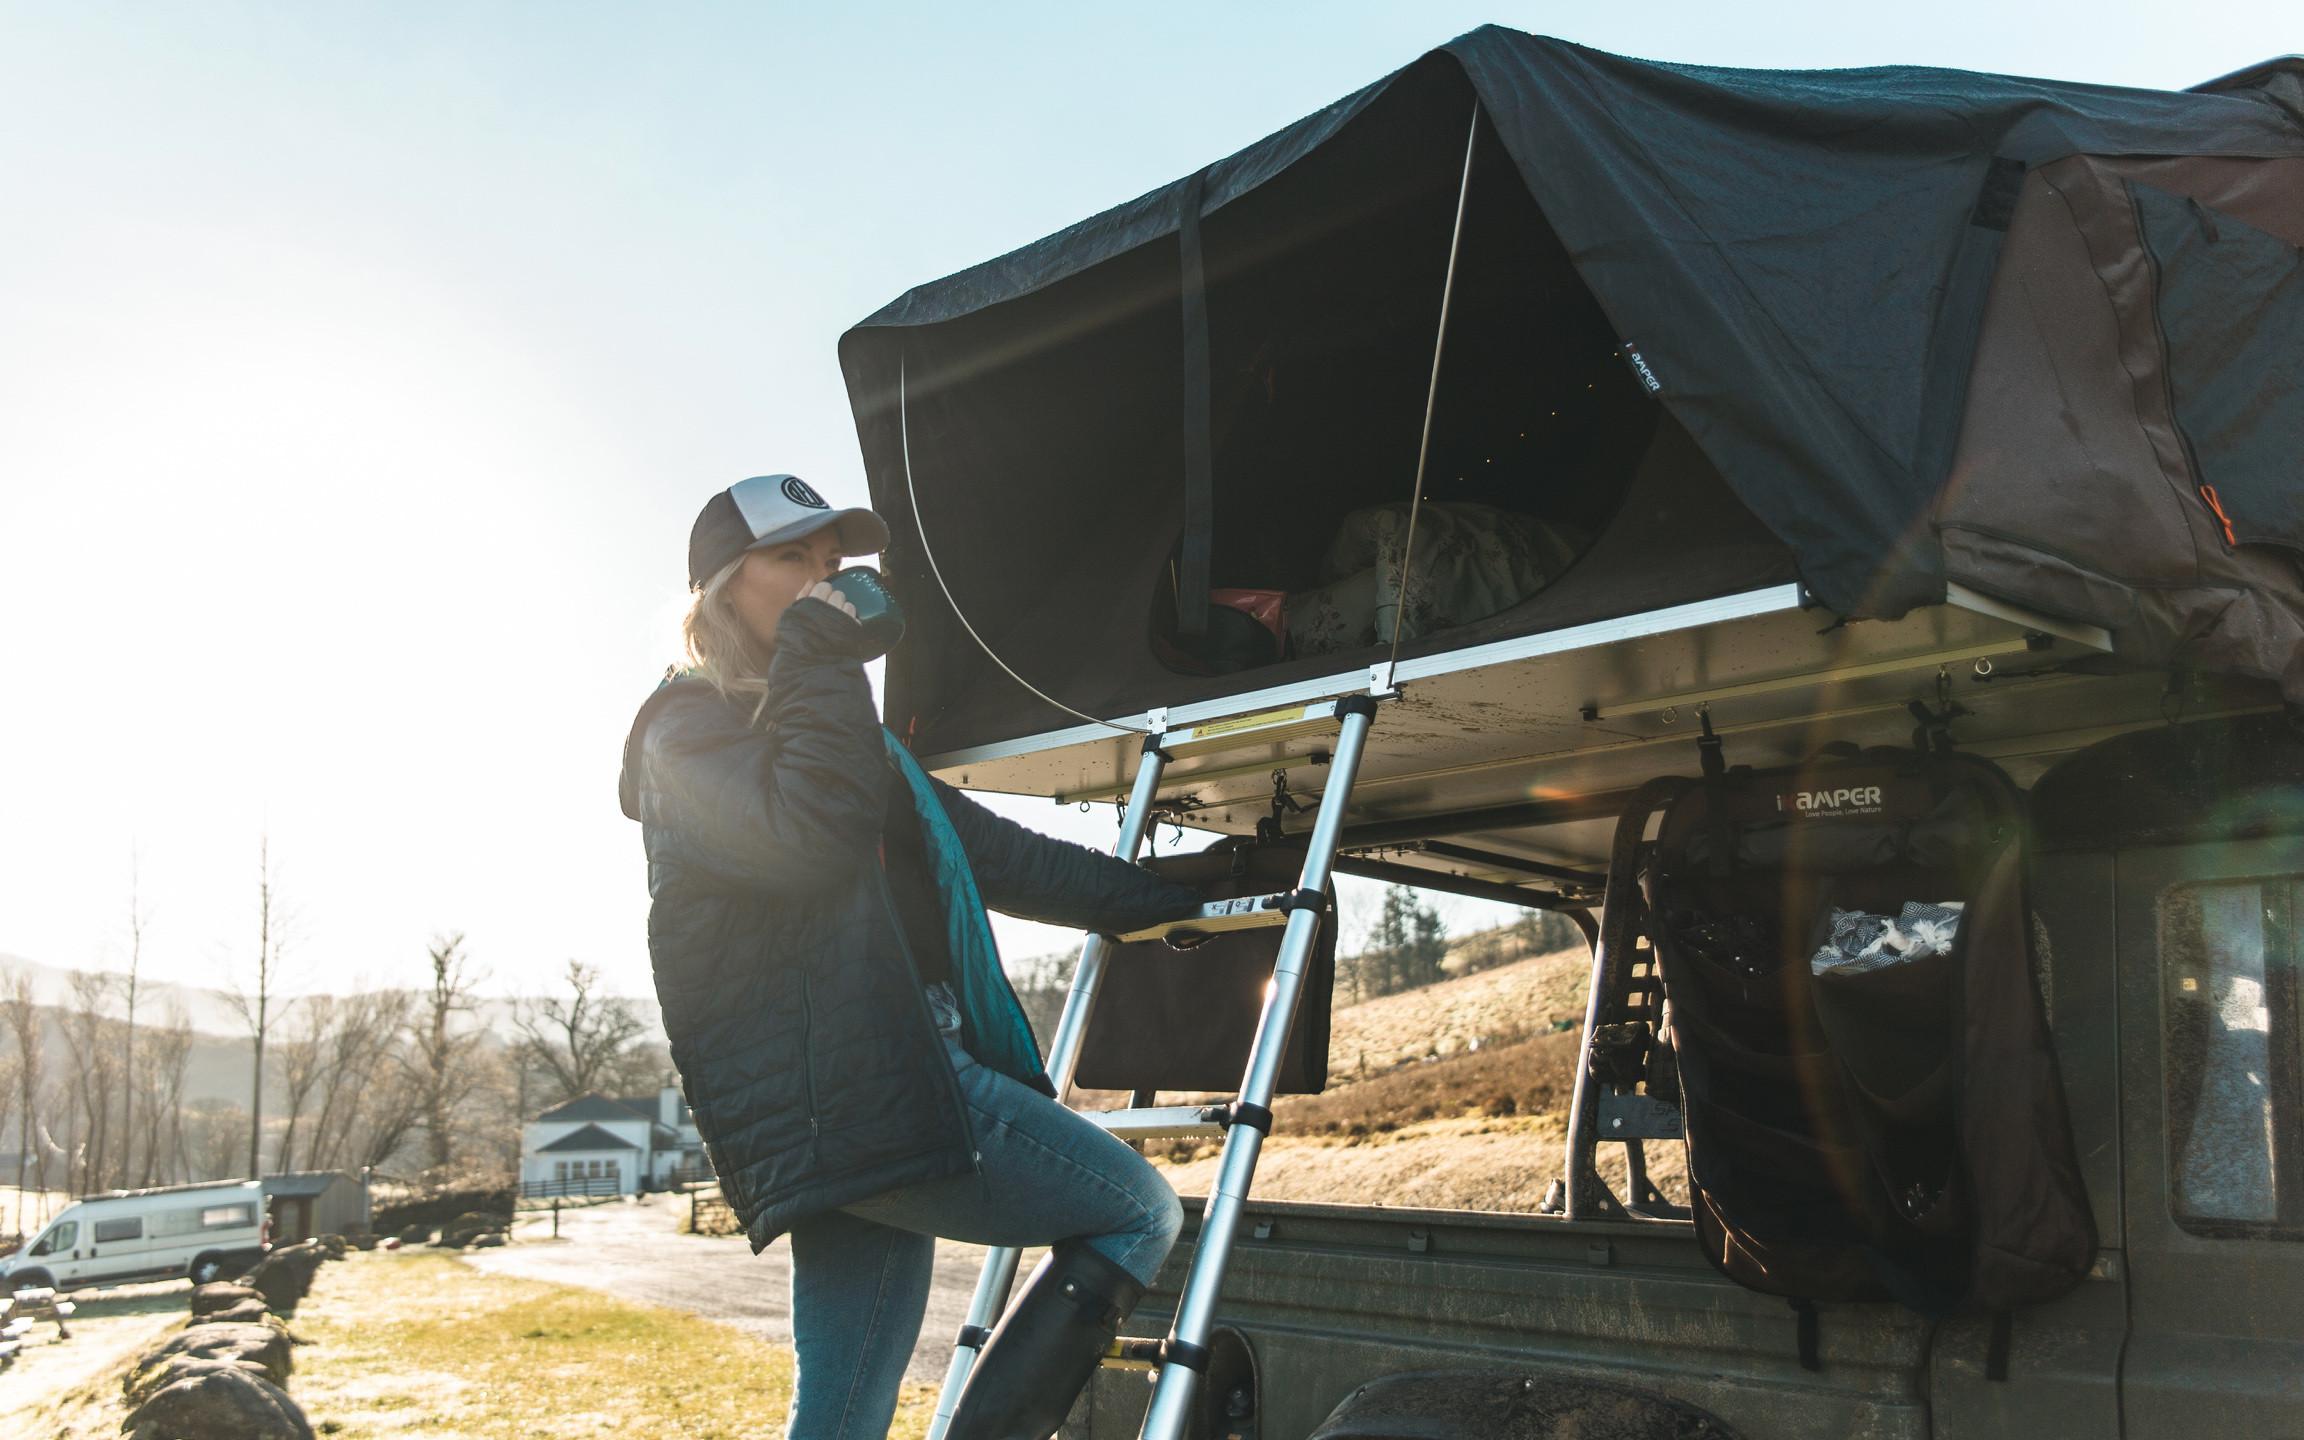 Defender 130 Keswick Green overlanding roof top tent